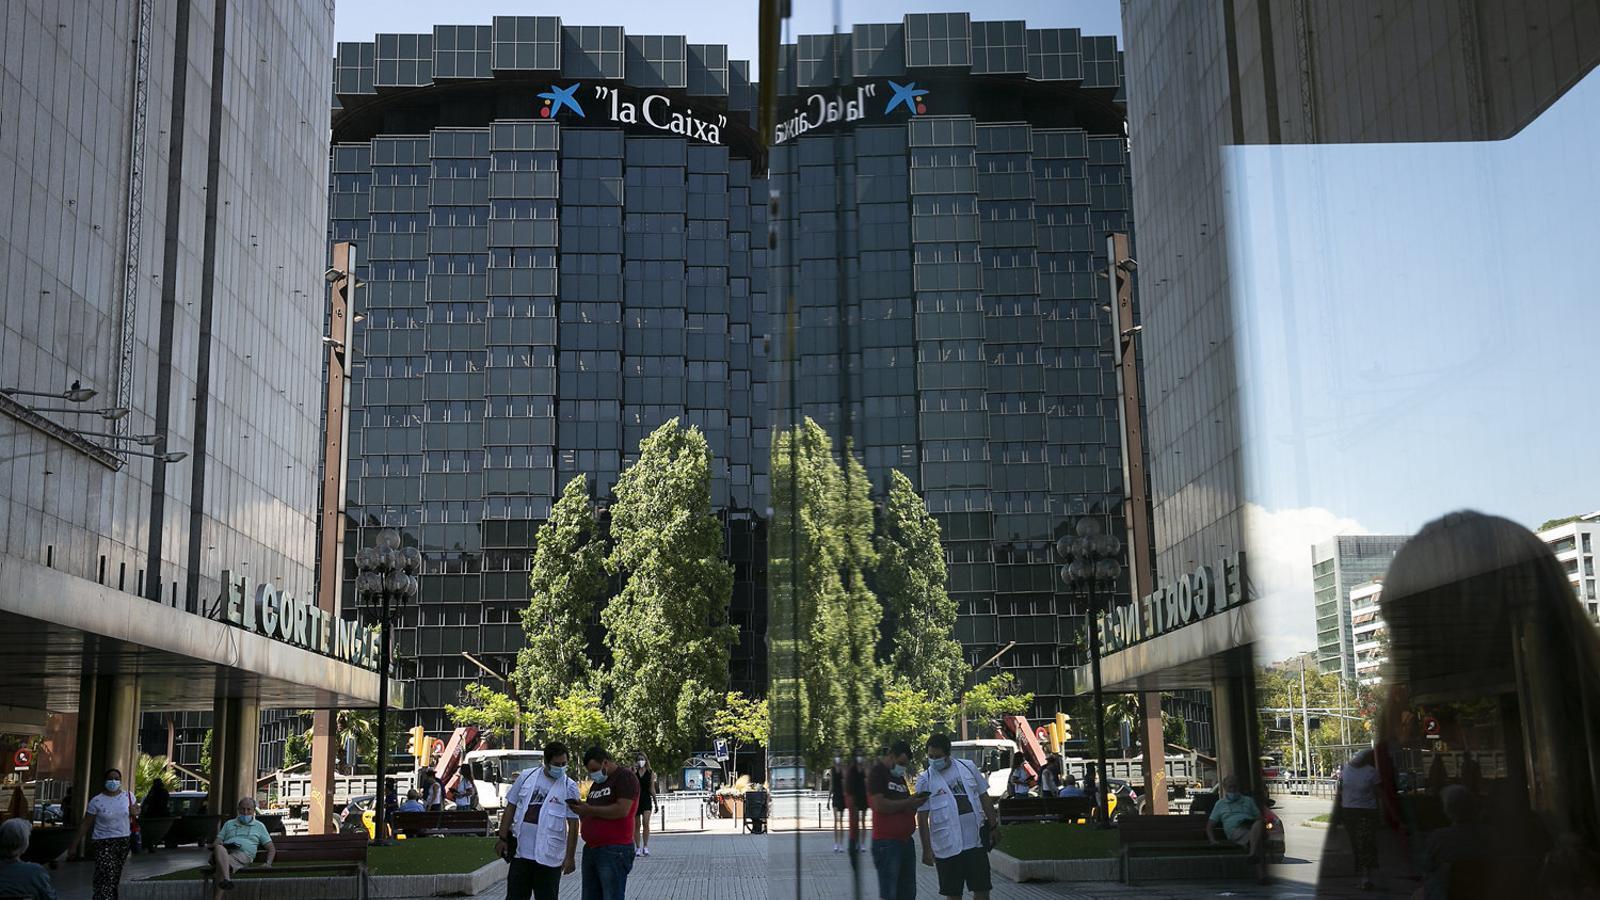 Seu de La Caixa a l'avinguda Diagonal de Barcelona divendres passat, l'endemà de saber-se les negociacions amb Bankia.